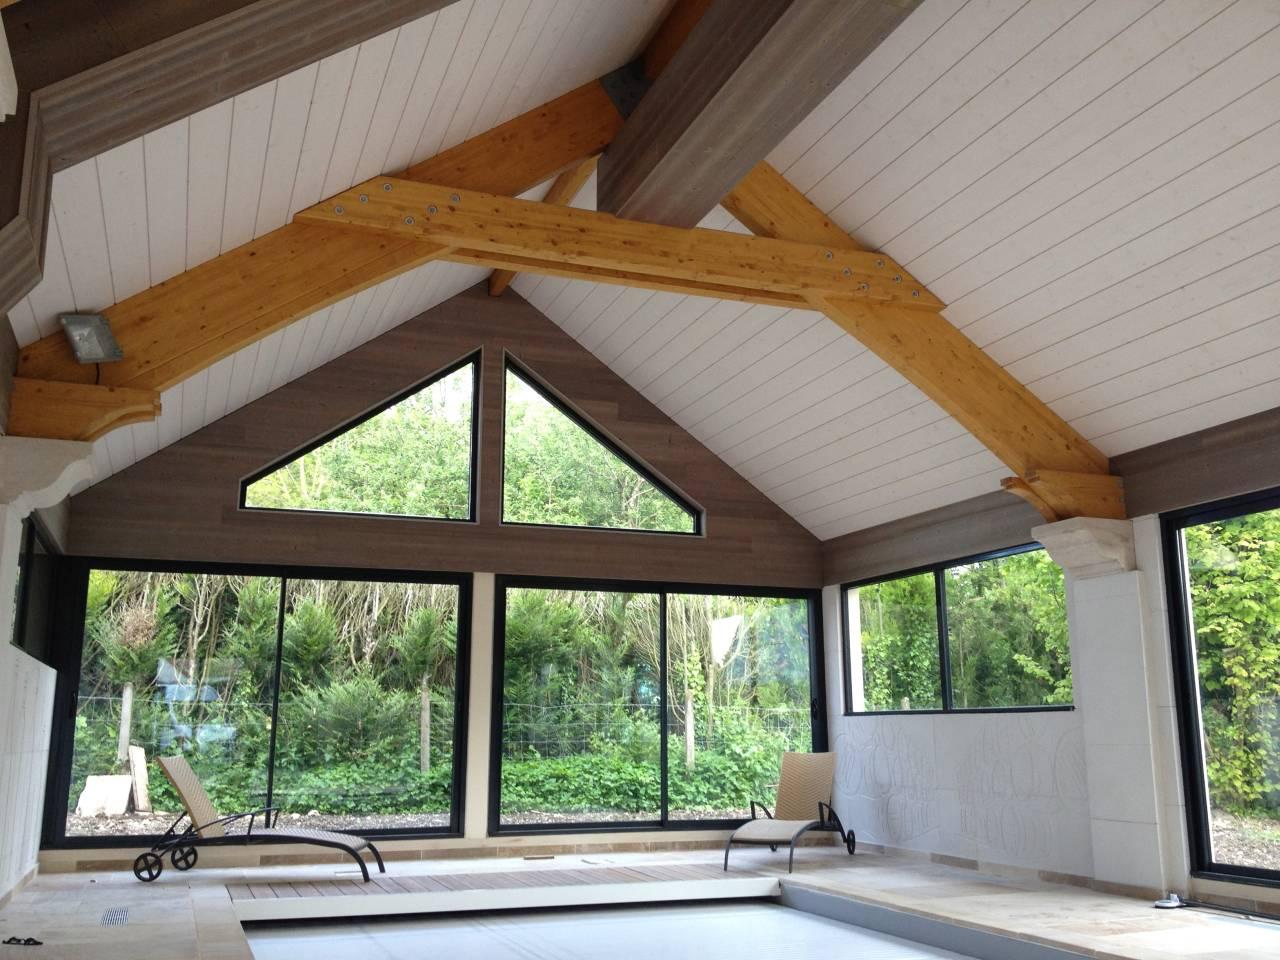 lambris platine gris cbf construction bois fournier cbf construction bois fournier. Black Bedroom Furniture Sets. Home Design Ideas